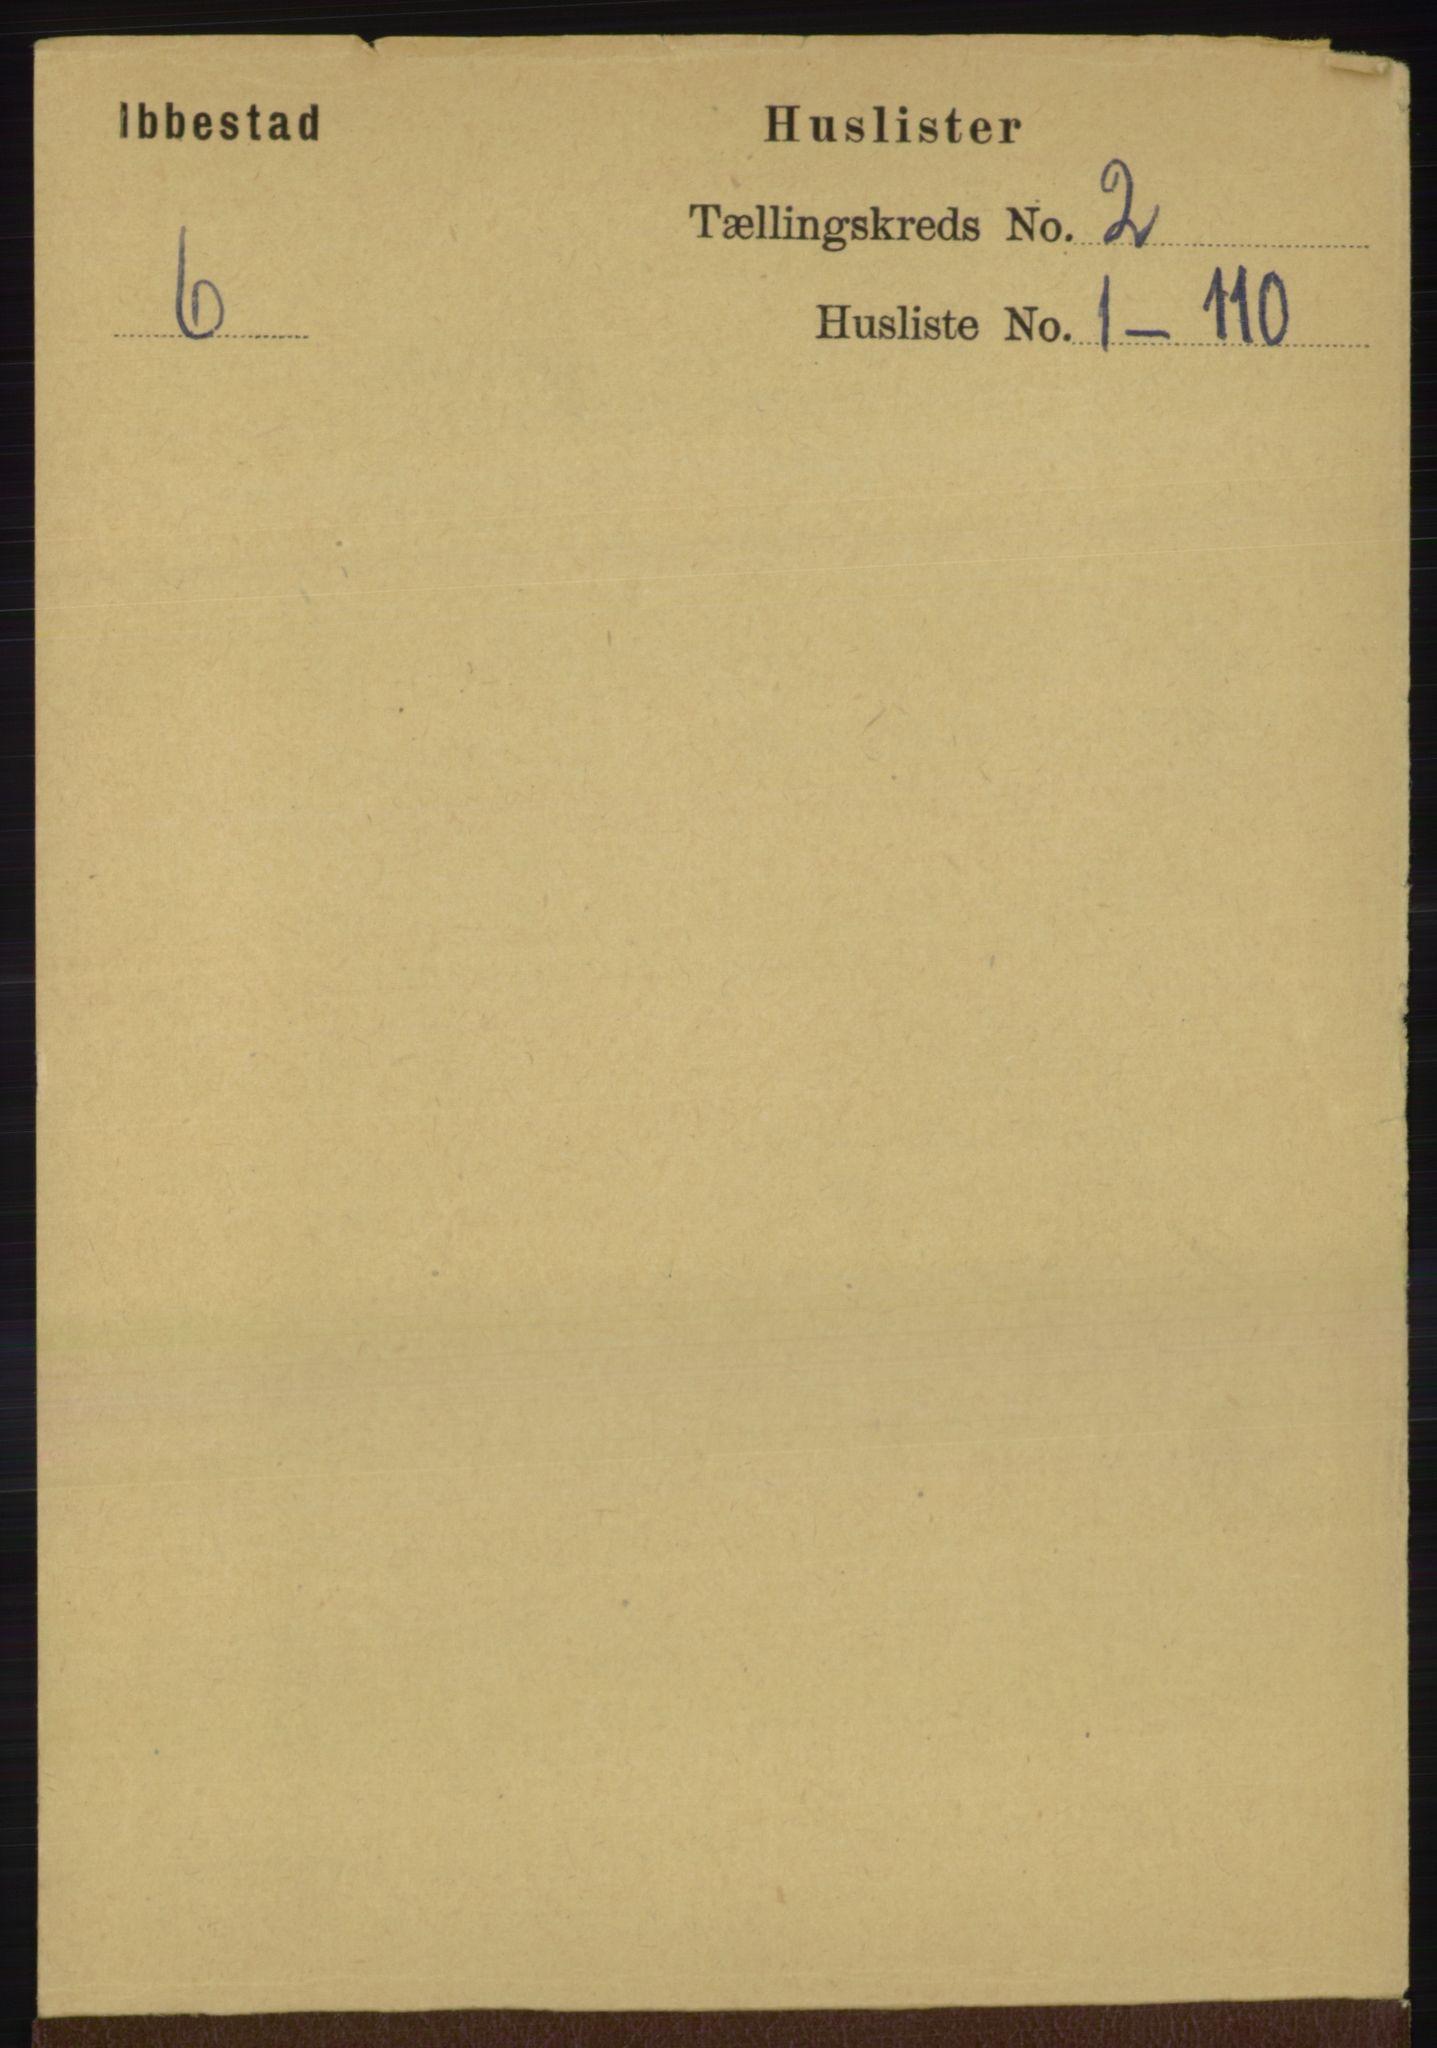 RA, Folketelling 1891 for 1917 Ibestad herred, 1891, s. 707